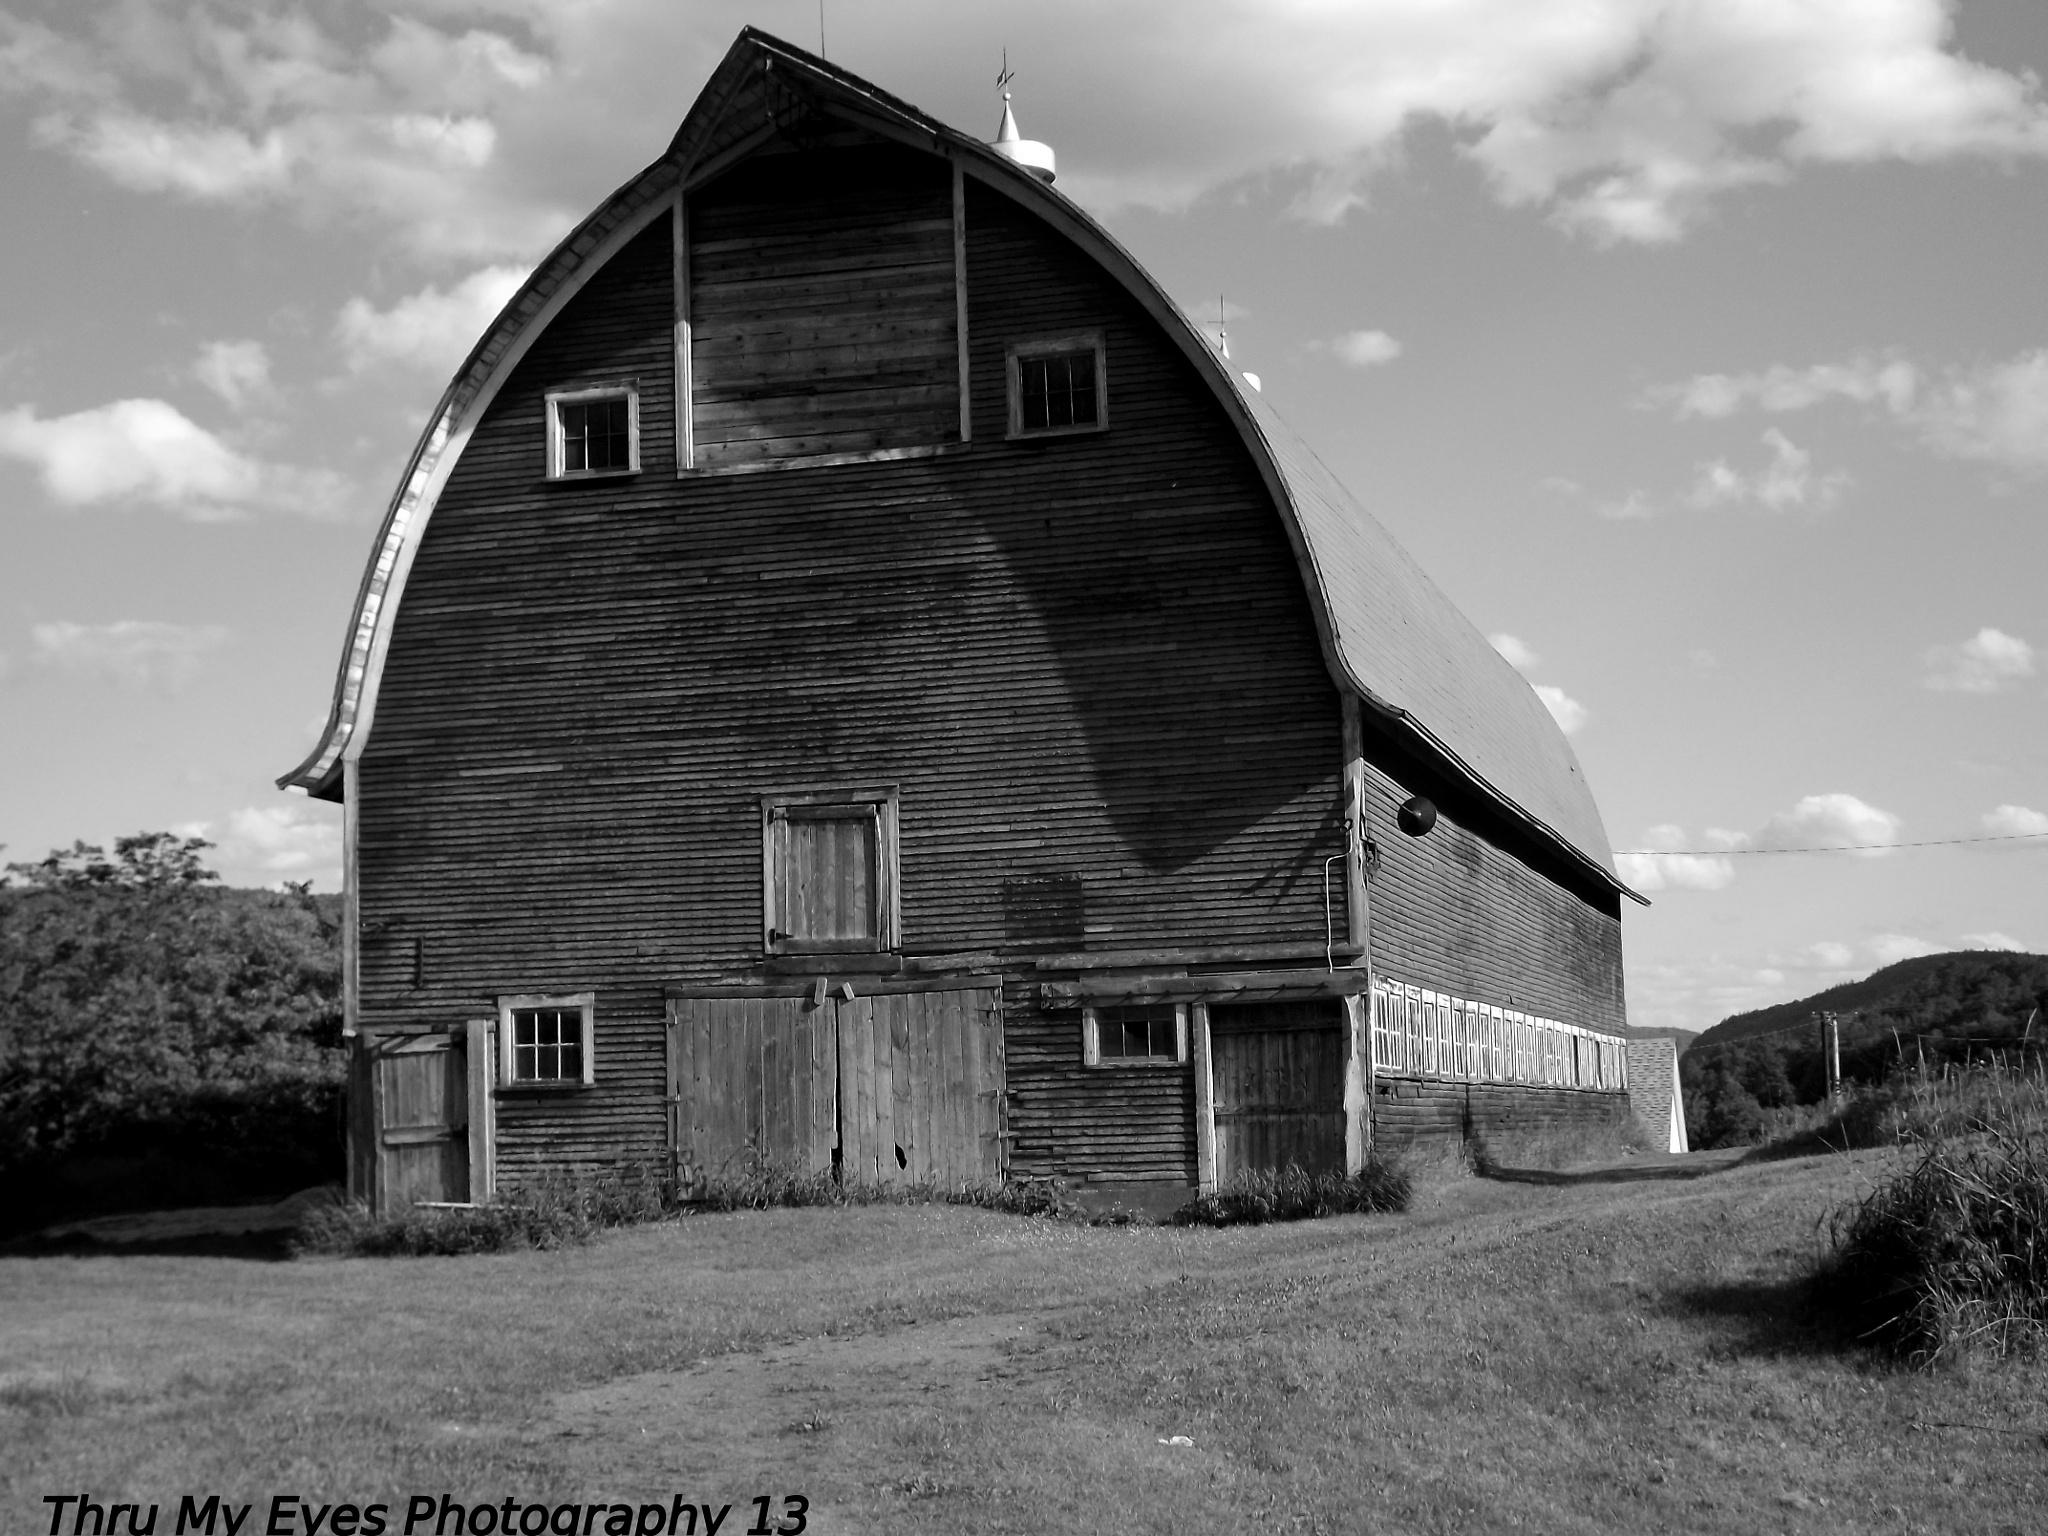 Passumpsic Vintage Barn #2 by captain